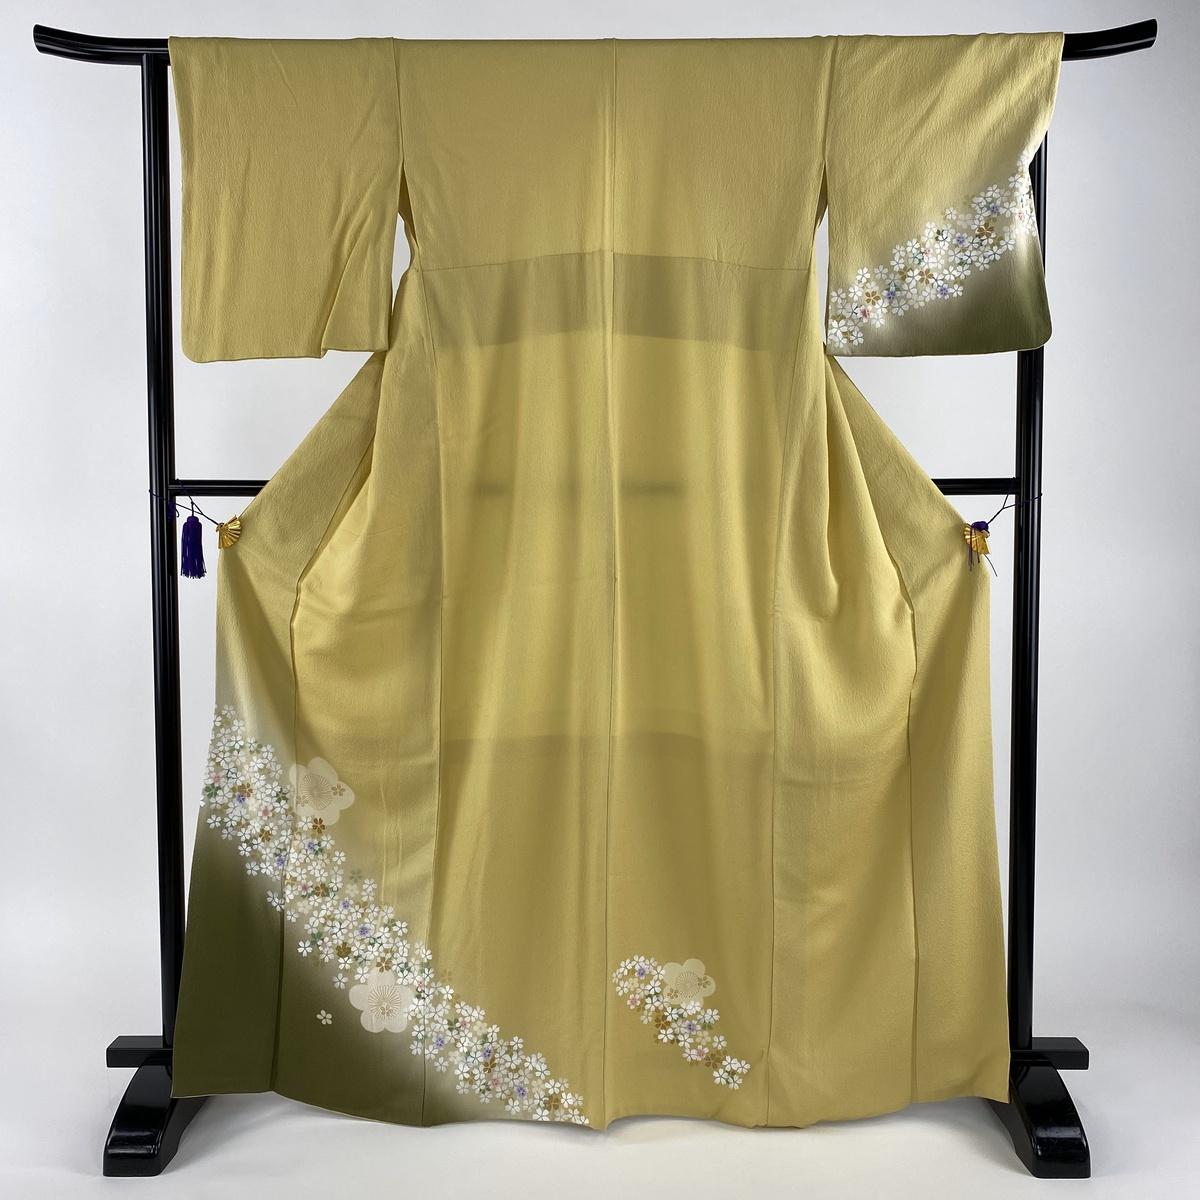 付下げ 美品 名品 桜 梅 金糸 金彩 黄色 袷 身丈167cm 裄丈66cm M 正絹 【中古】